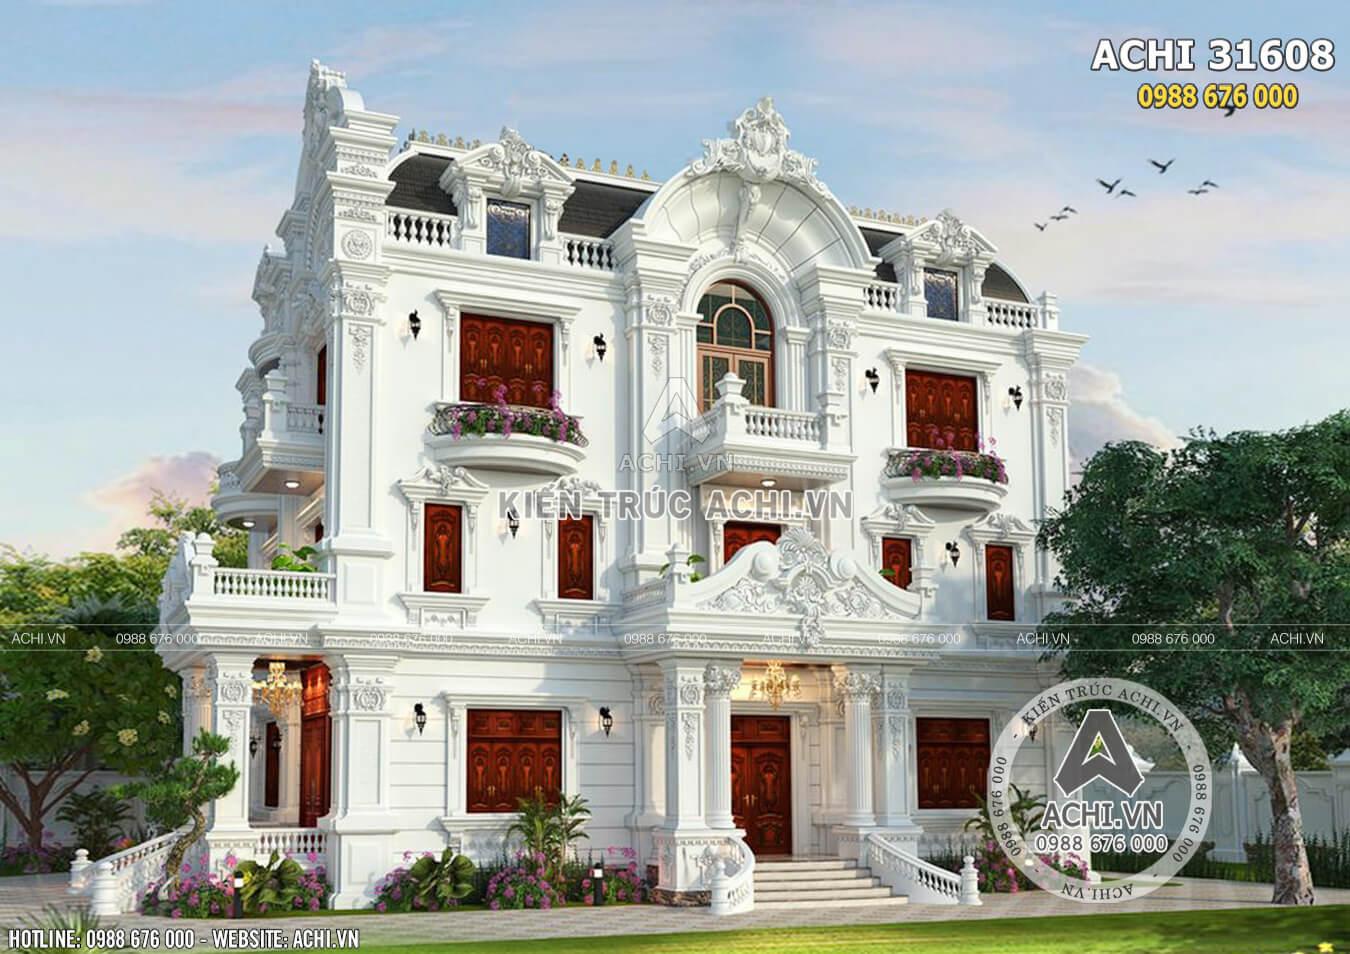 Phối cảnh 3D không gian ngoại thất của mẫu biệt thự tân cổ điển đồ sộ tại Bắc Ninh